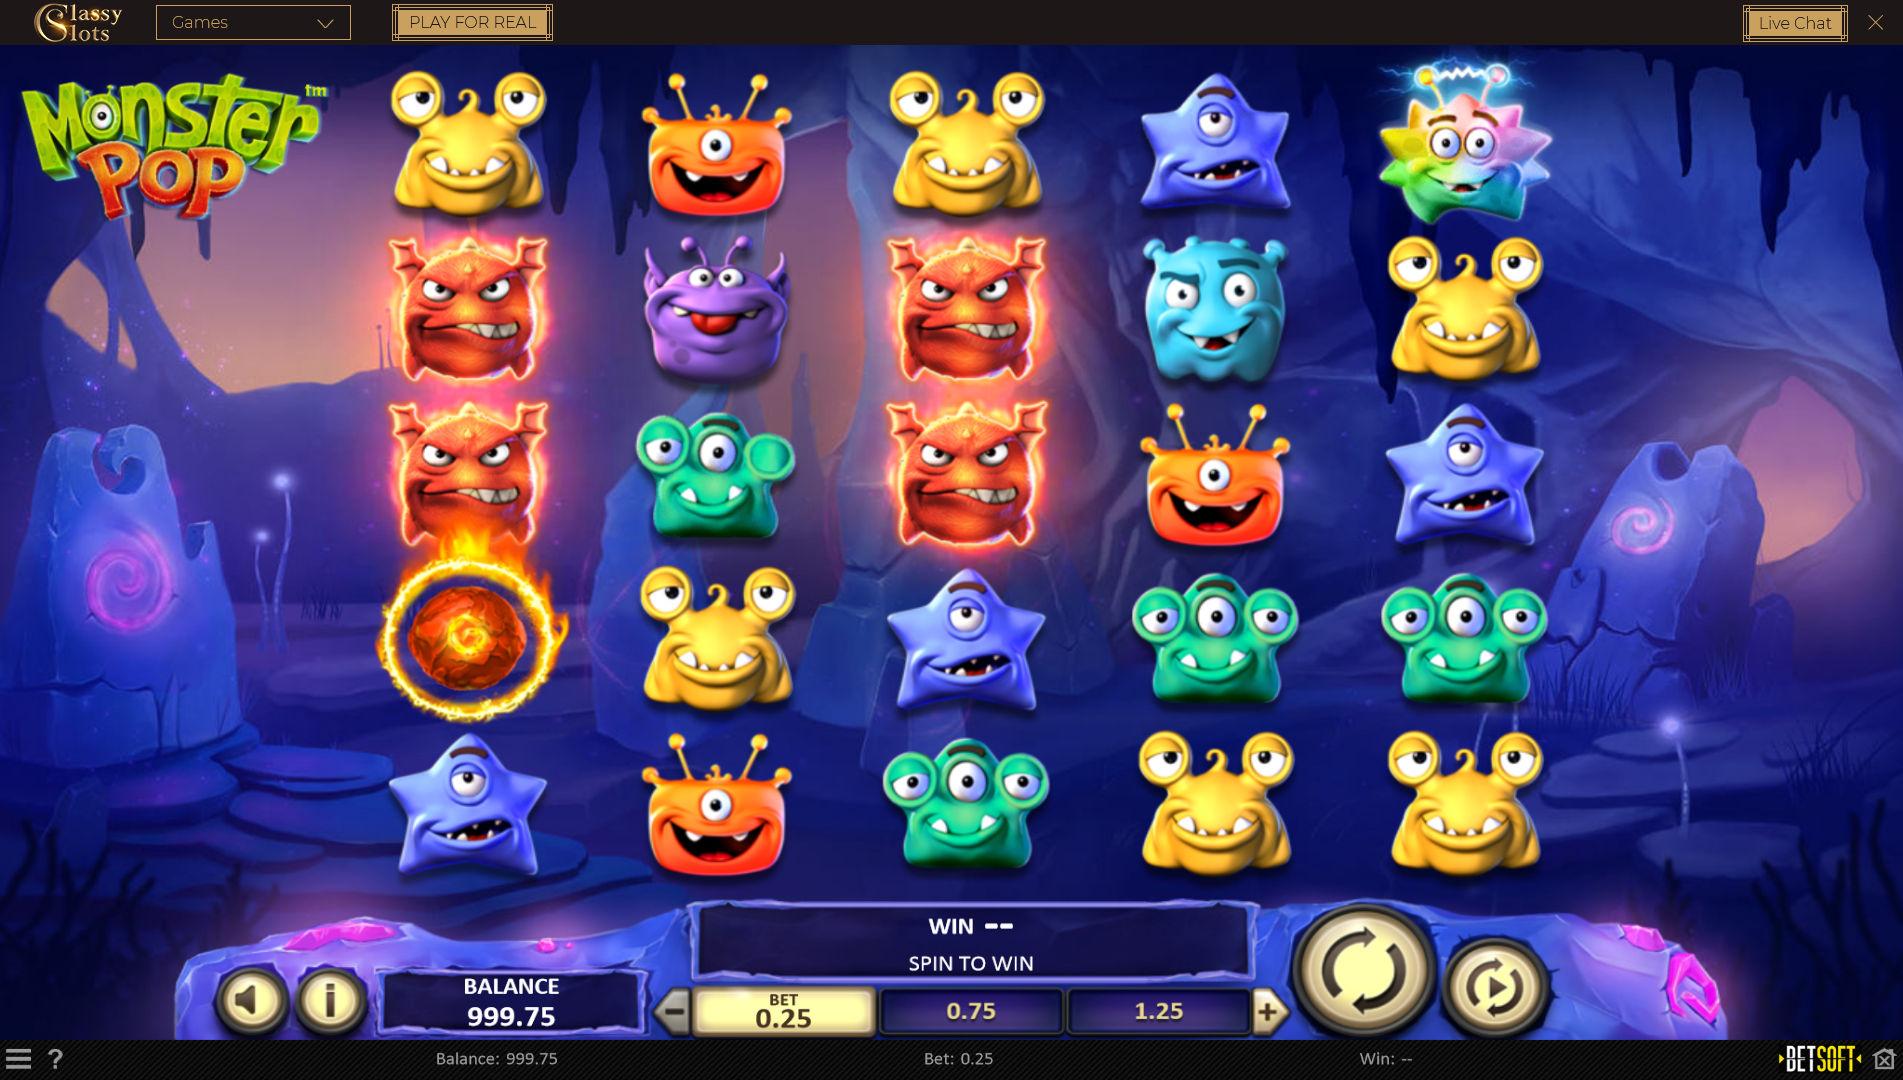 Classy slots casinospel 18764